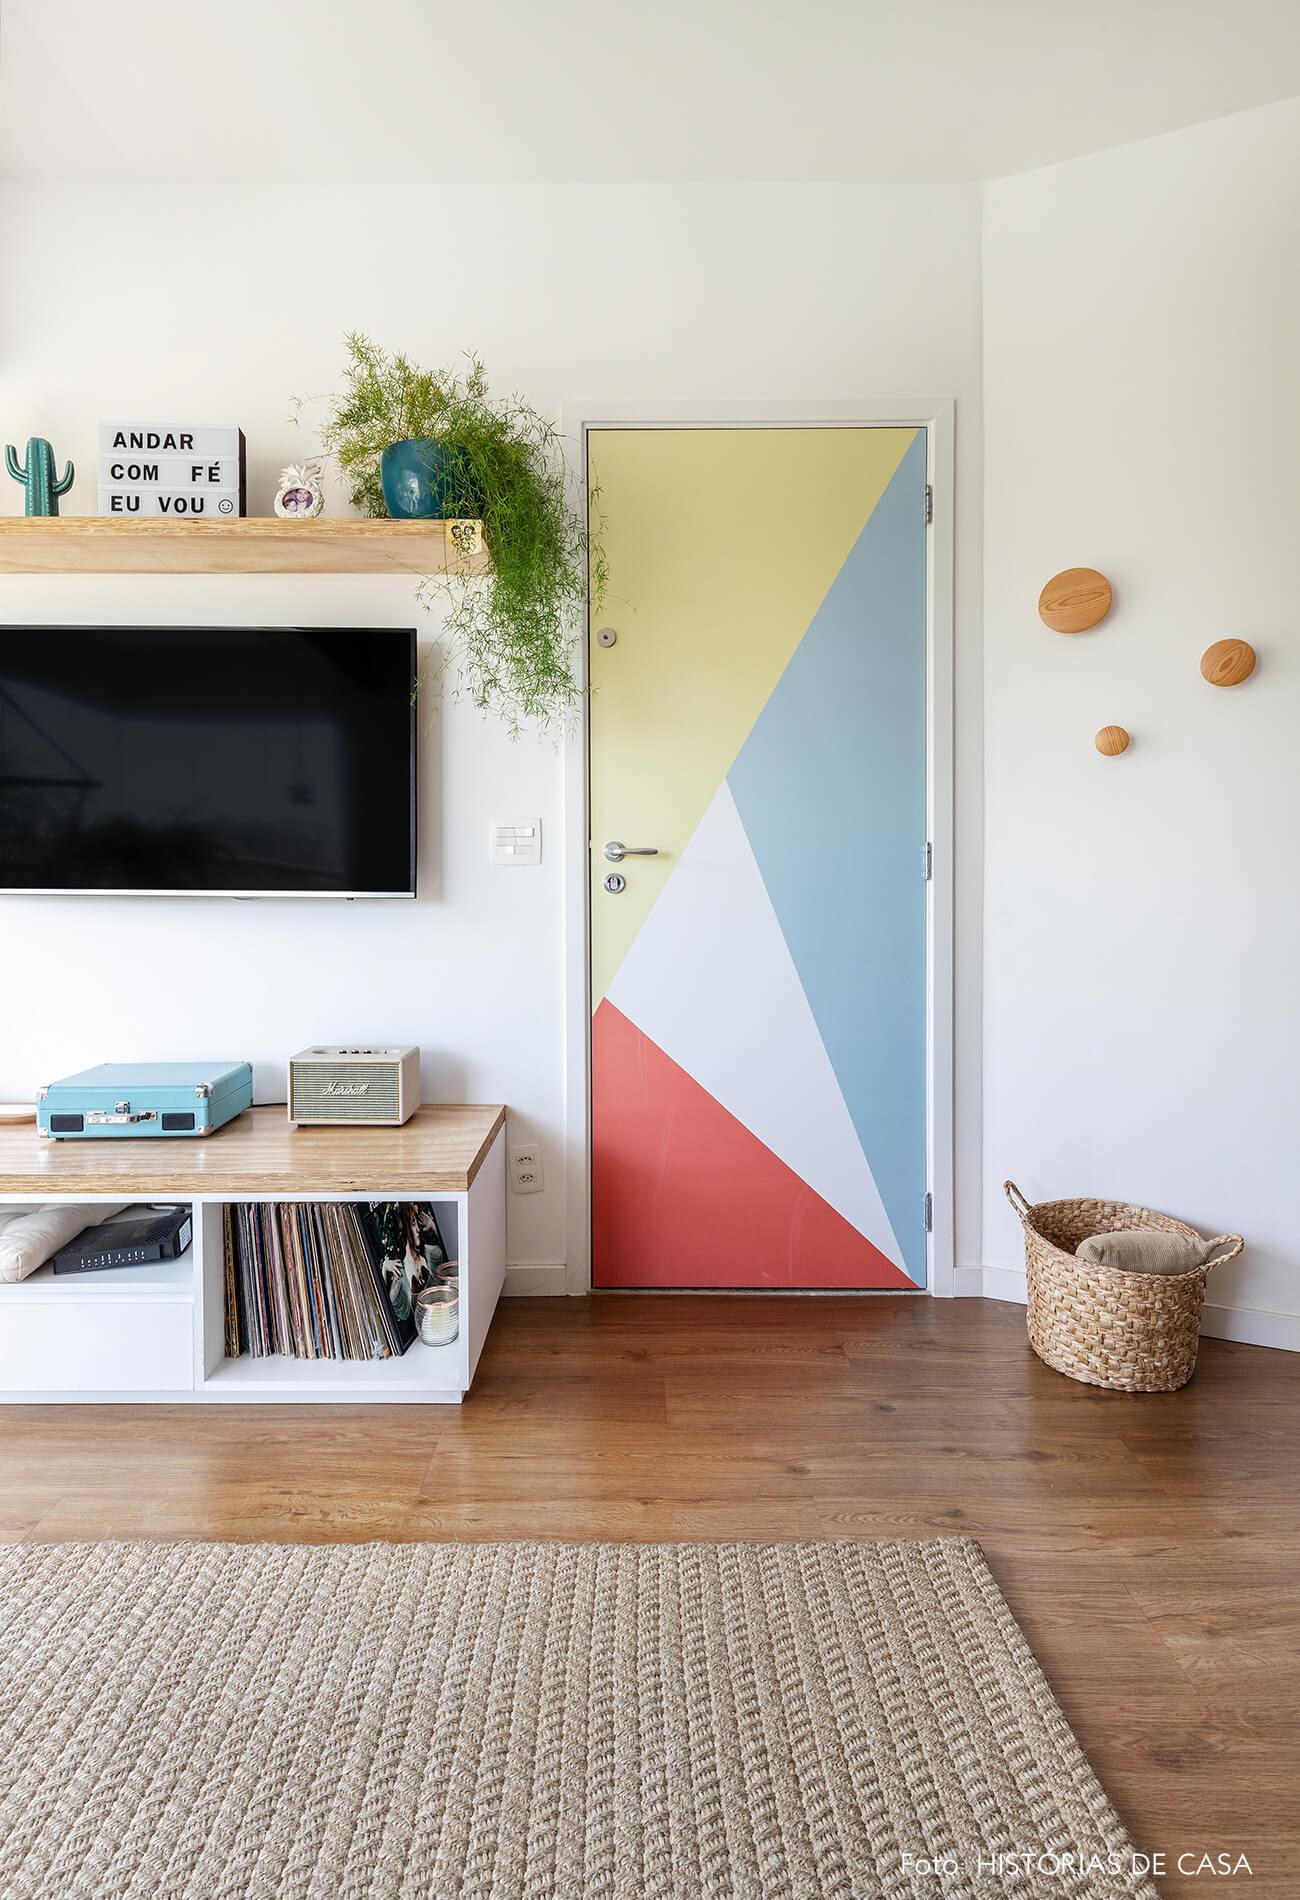 decoração sala com prateleiras de madeira e adesivo geometrico em porta